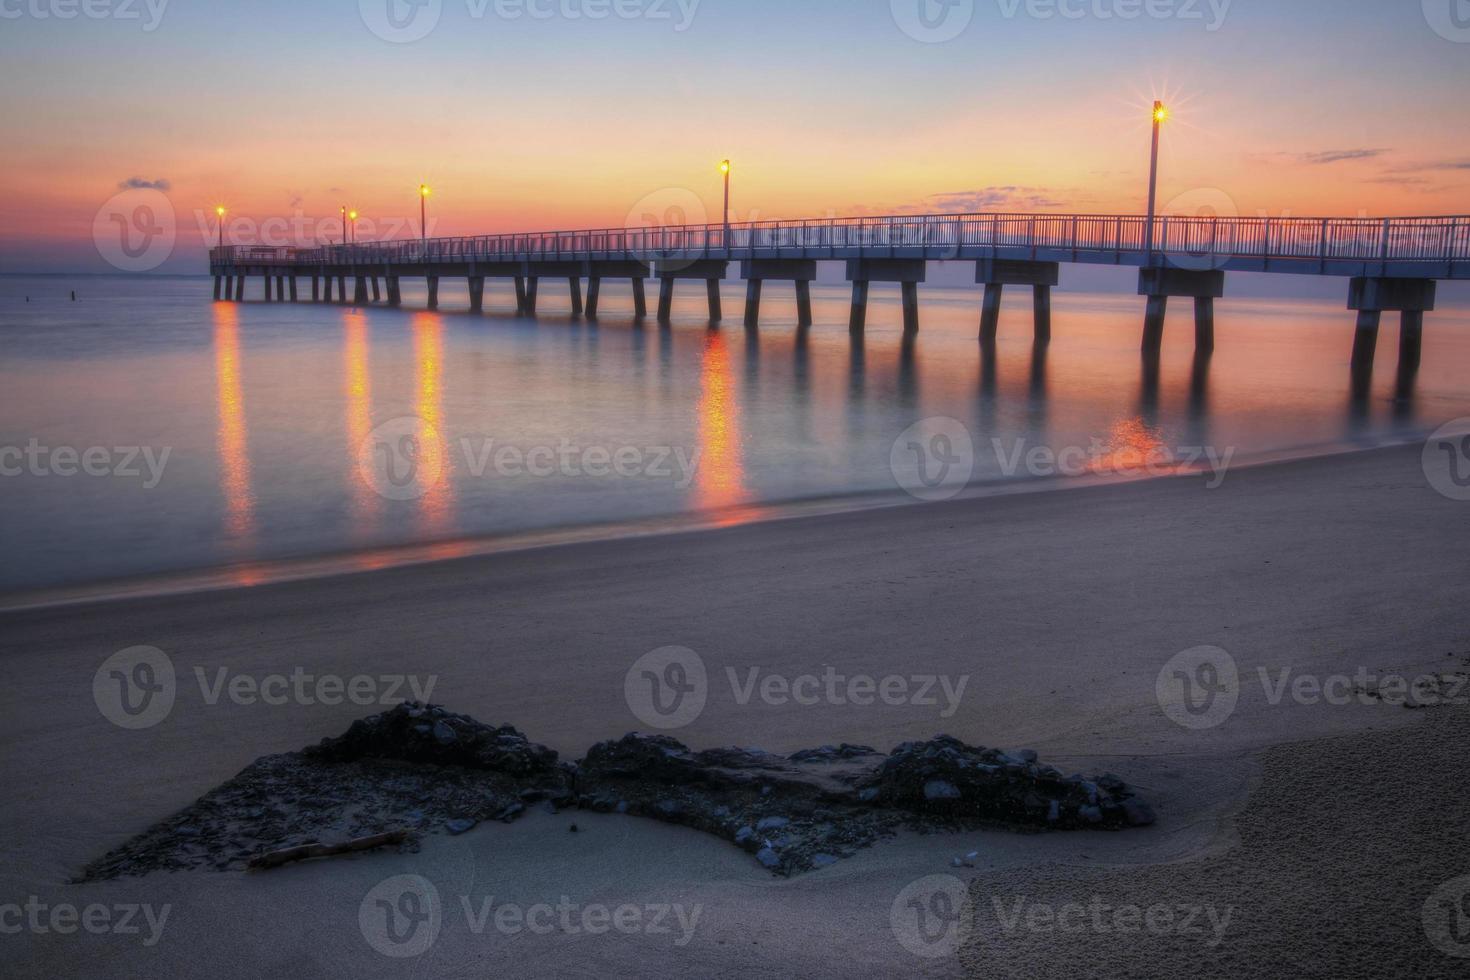 bosque playa muelle de pesca amanecer foto